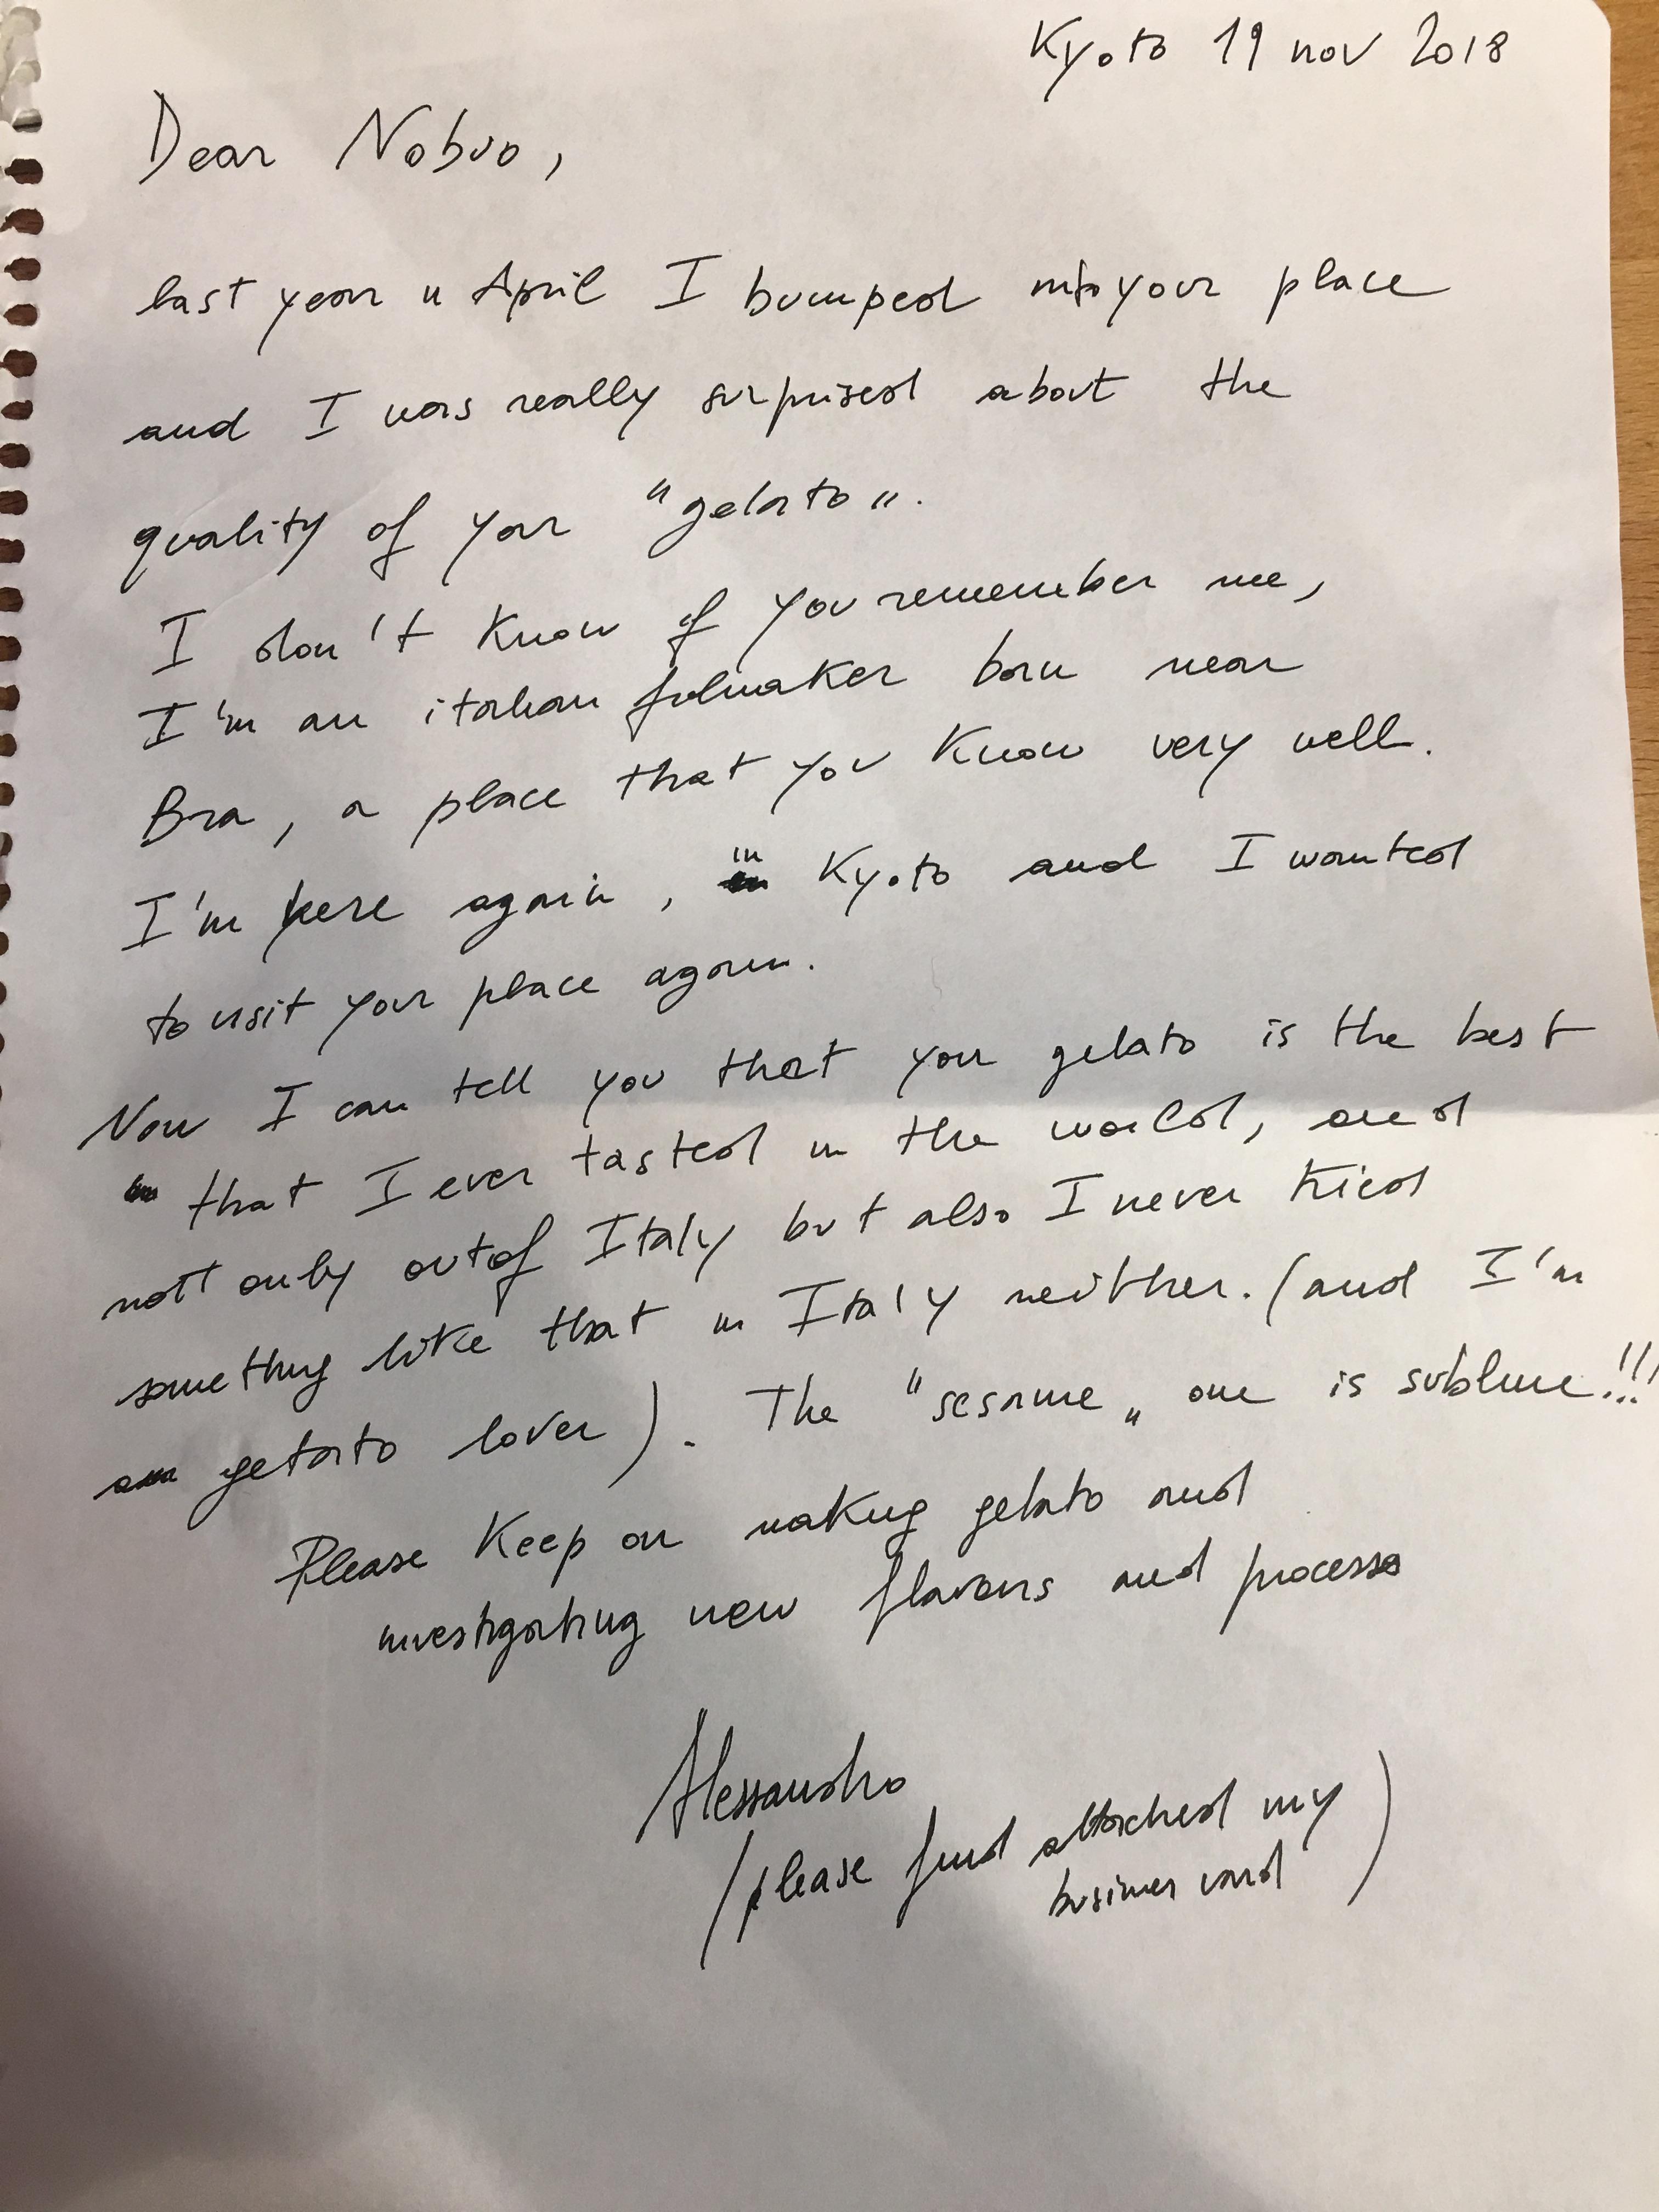 Alessandro様お手紙20181119